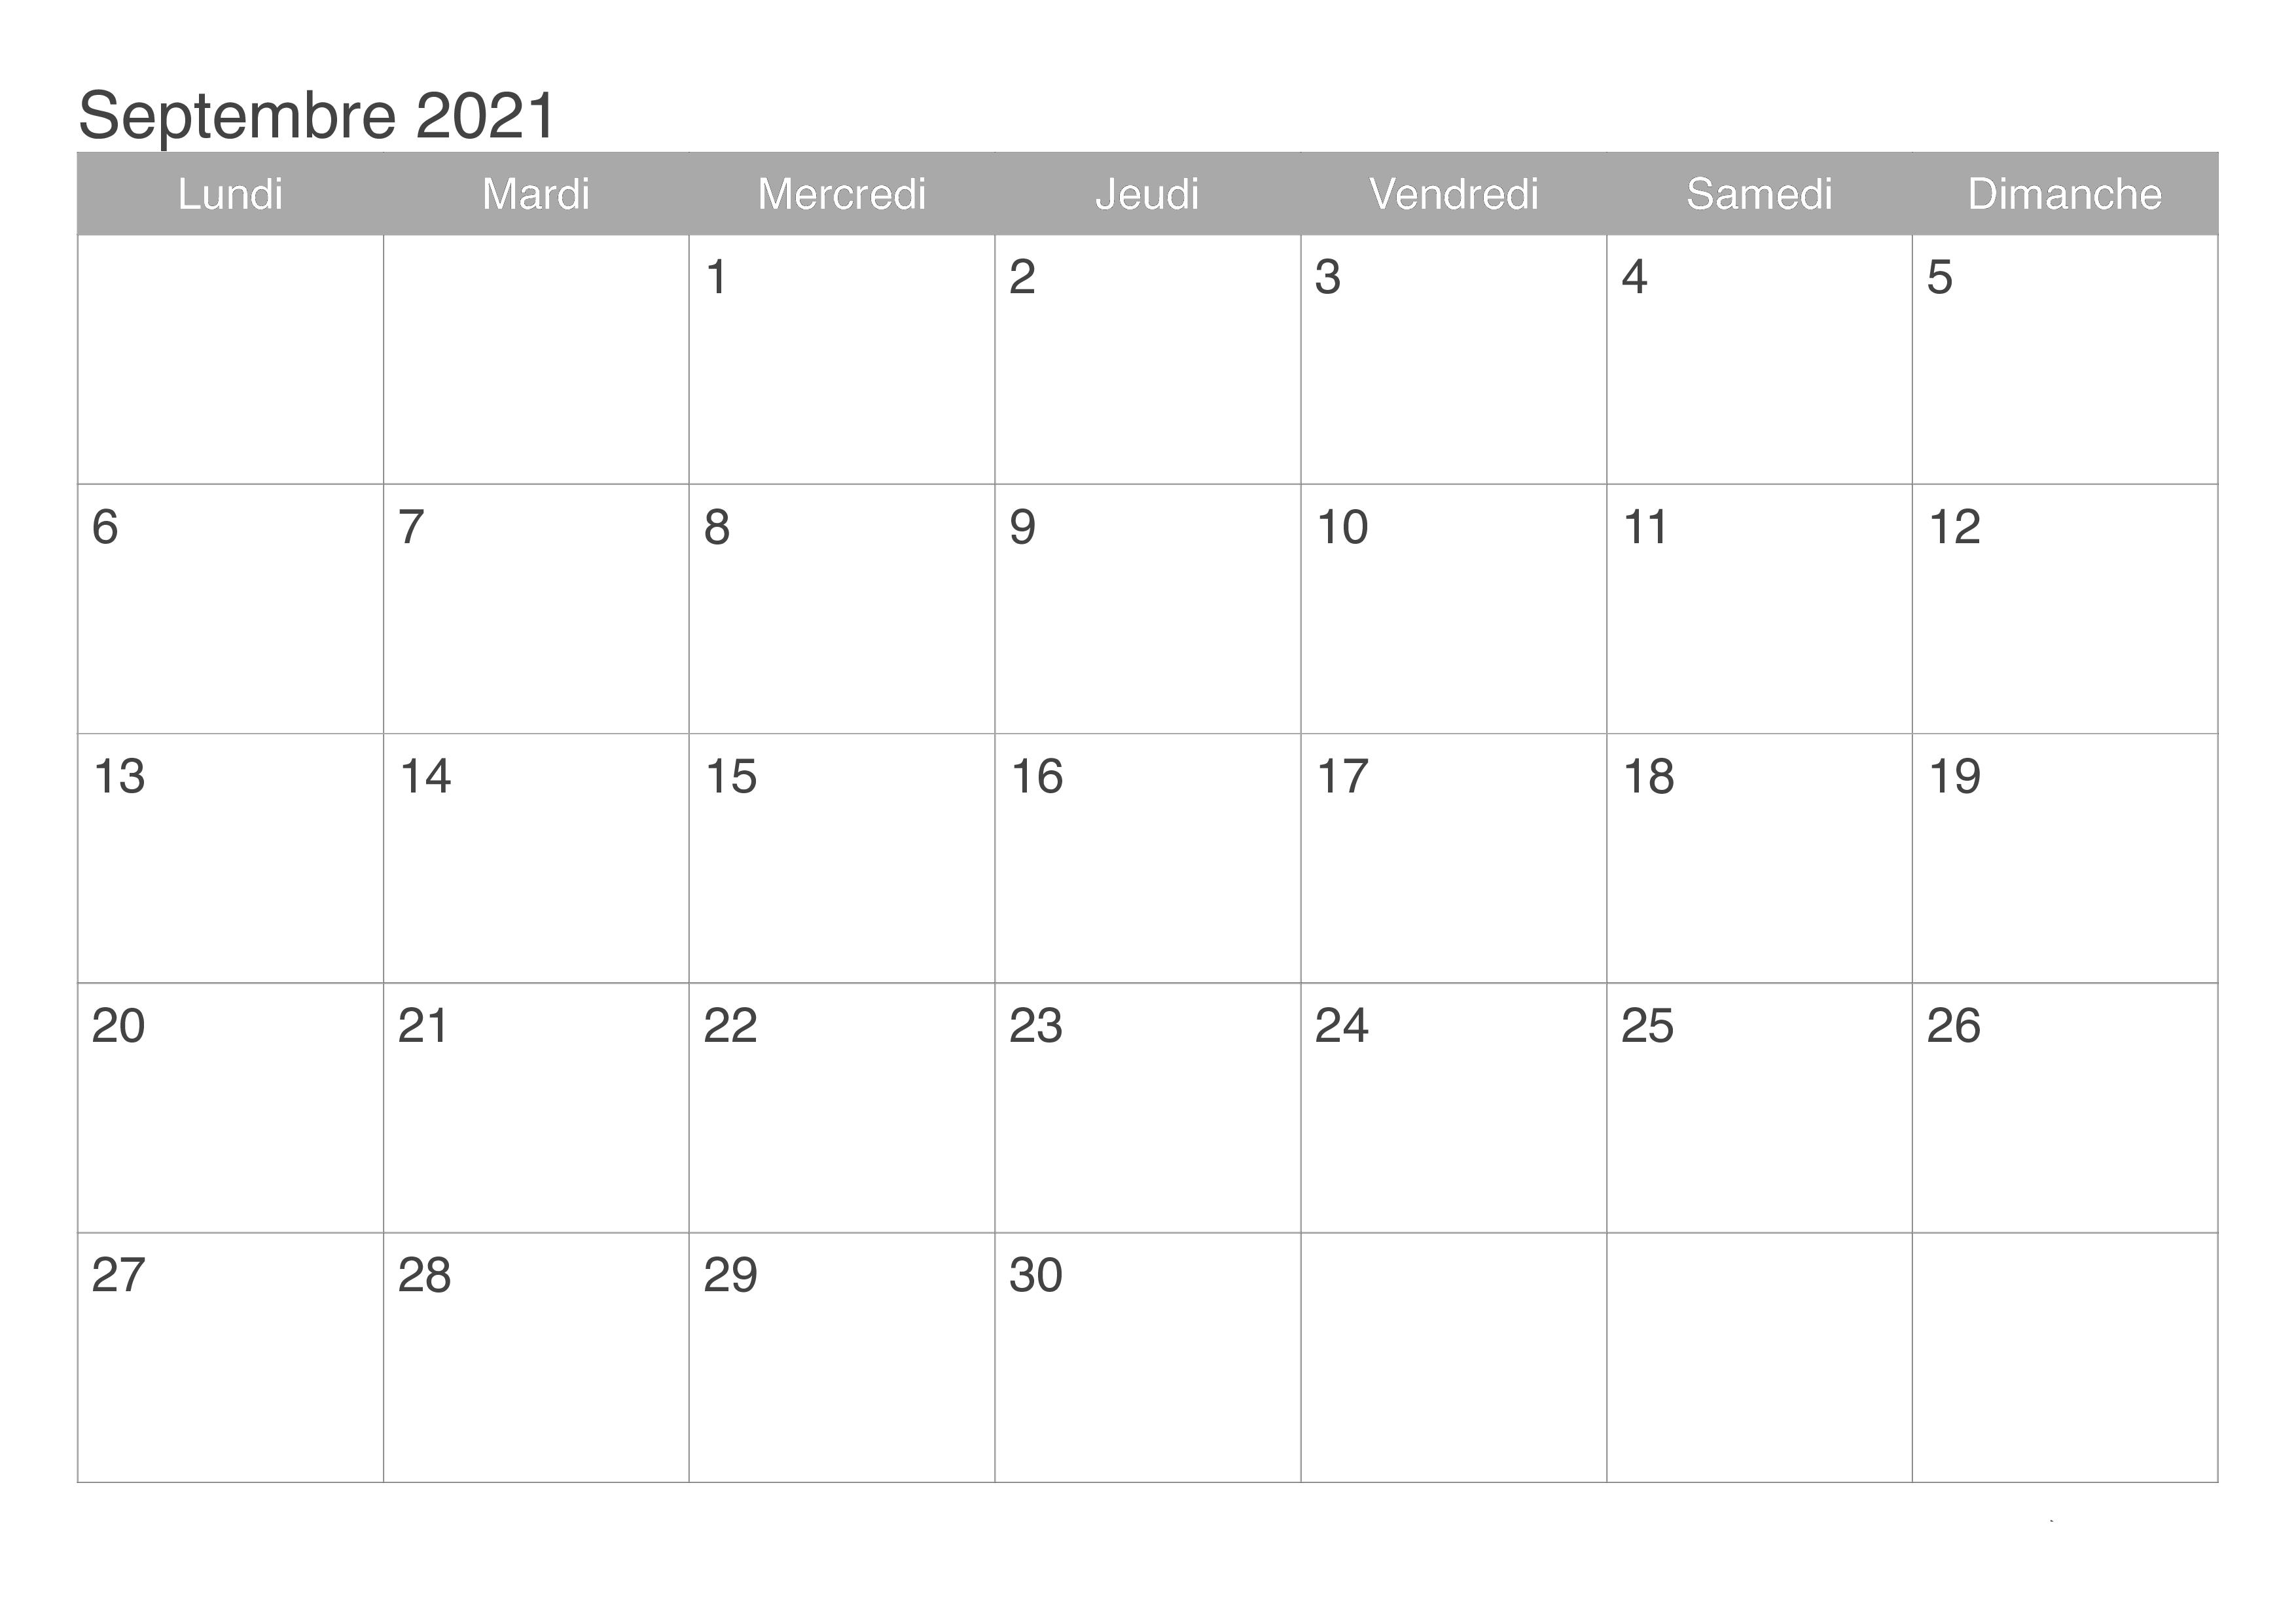 Calendrier Septembre 2021 Jours Feries